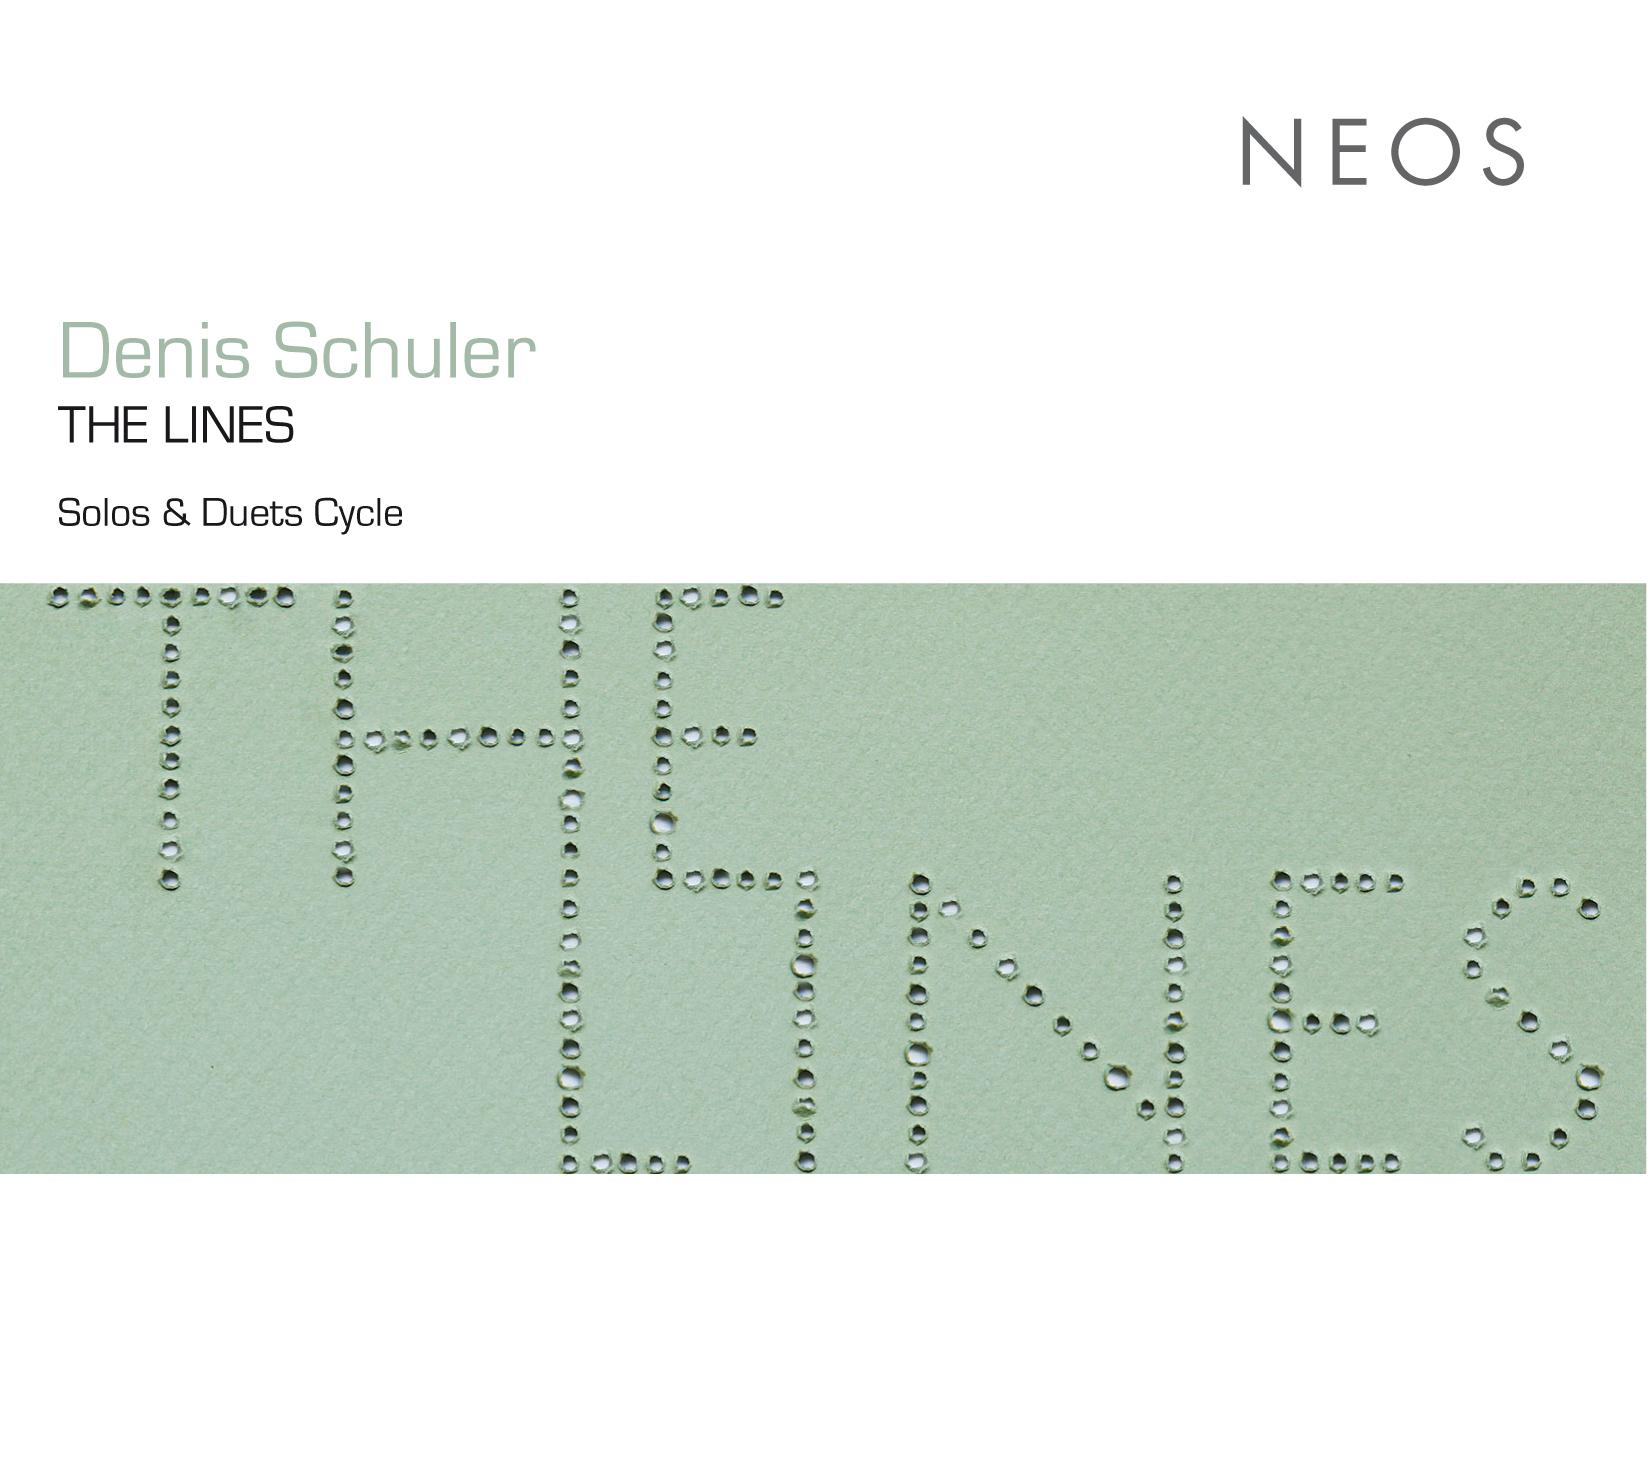 Cover CD Denis Schuler.jpg